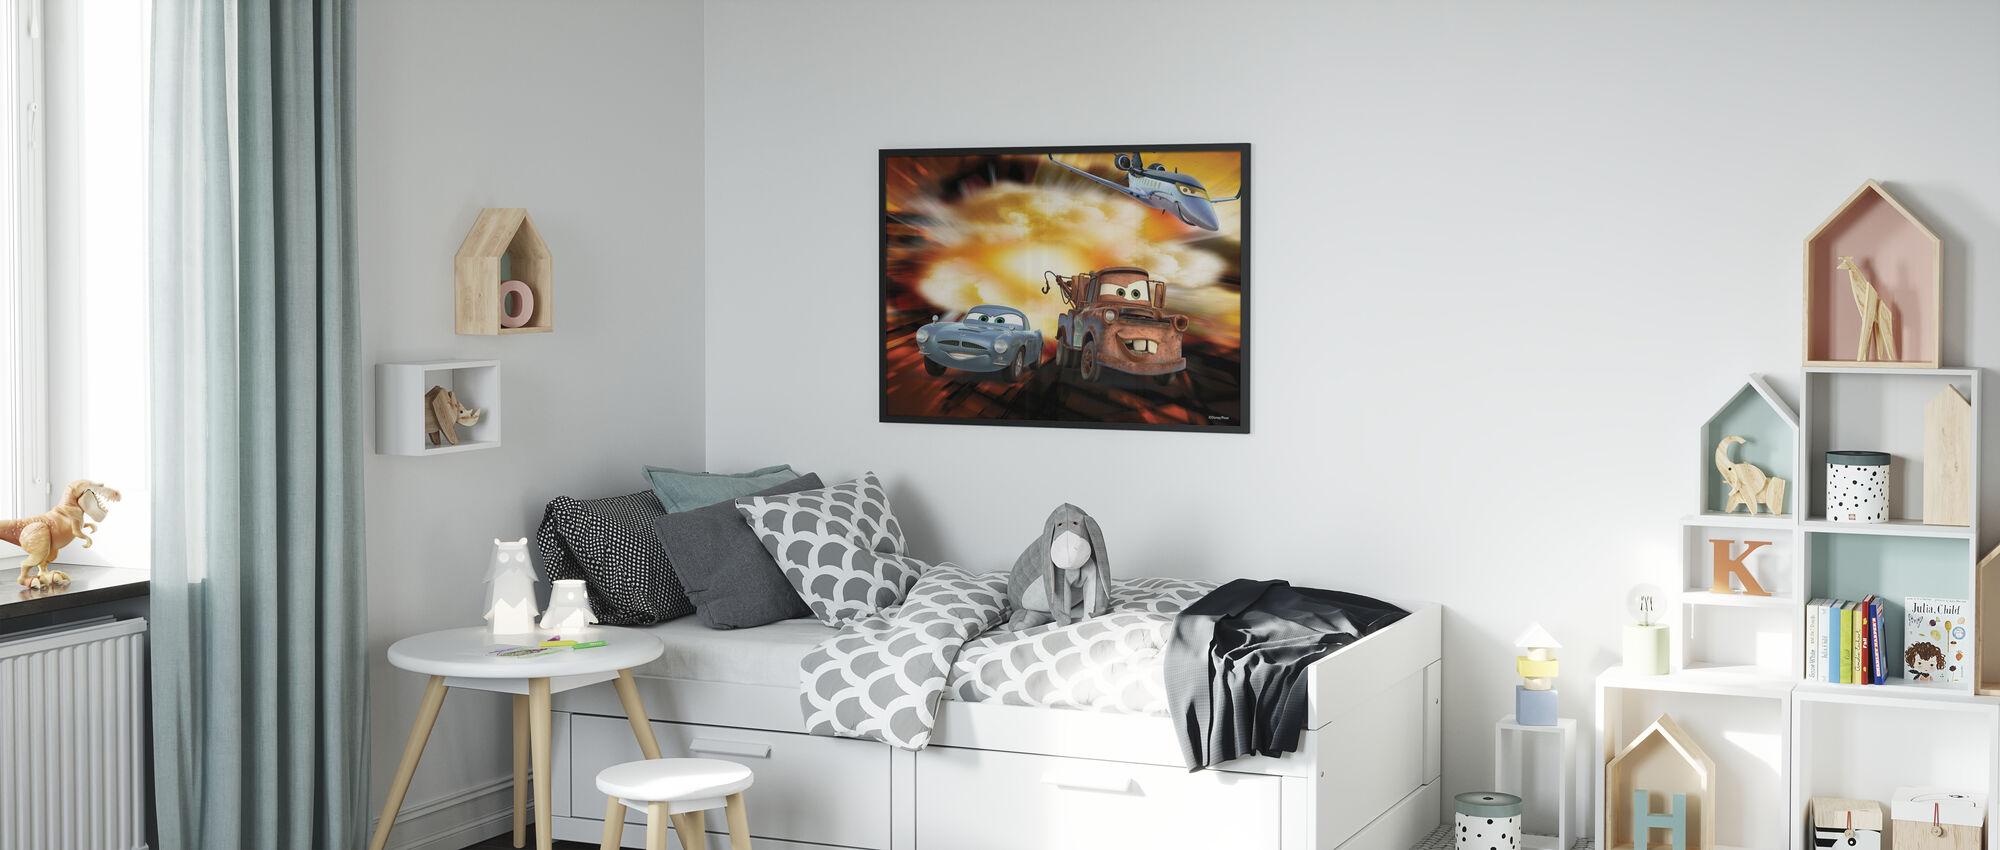 Biler - McQueen, Siddeley og Mater bombe - Innrammet bilde - Barnerom